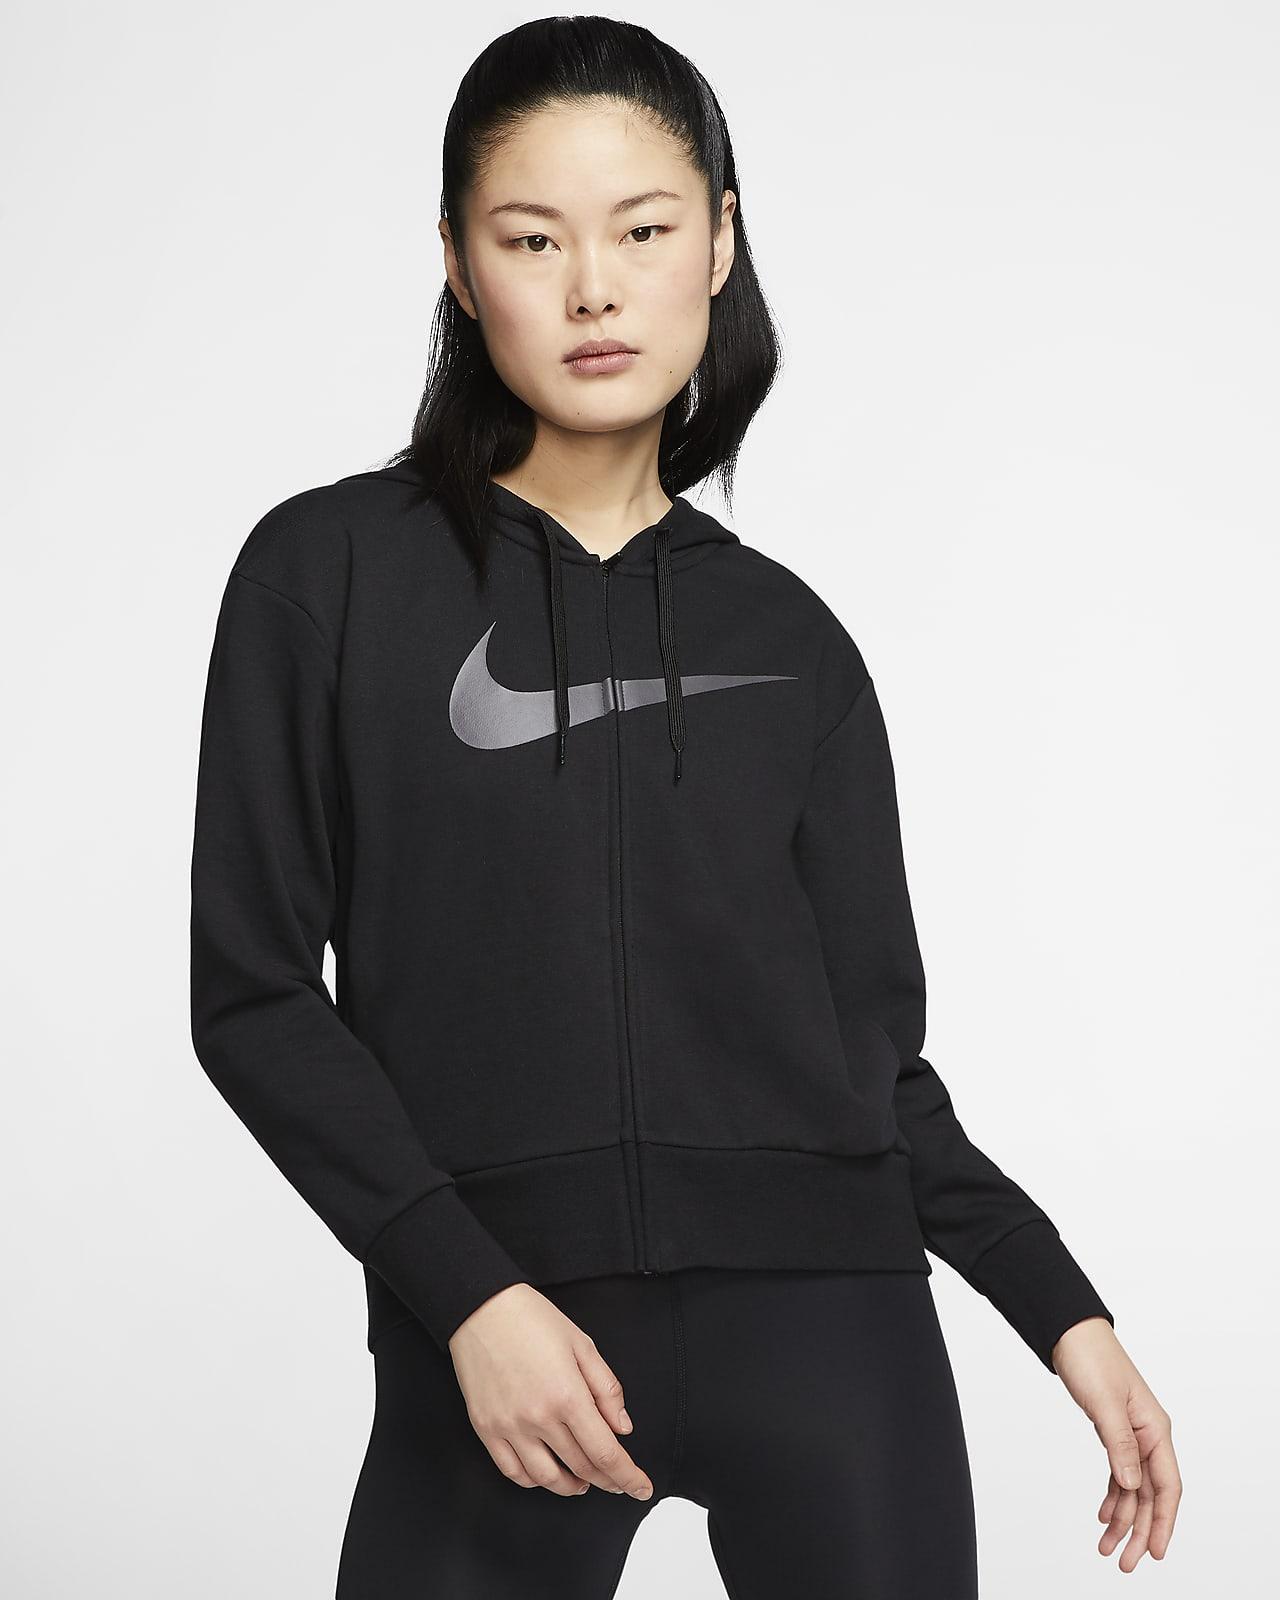 Nike Dri-FIT Get Fit Dessuadora amb caputxa i cremallera completa d'entrenament - Dona